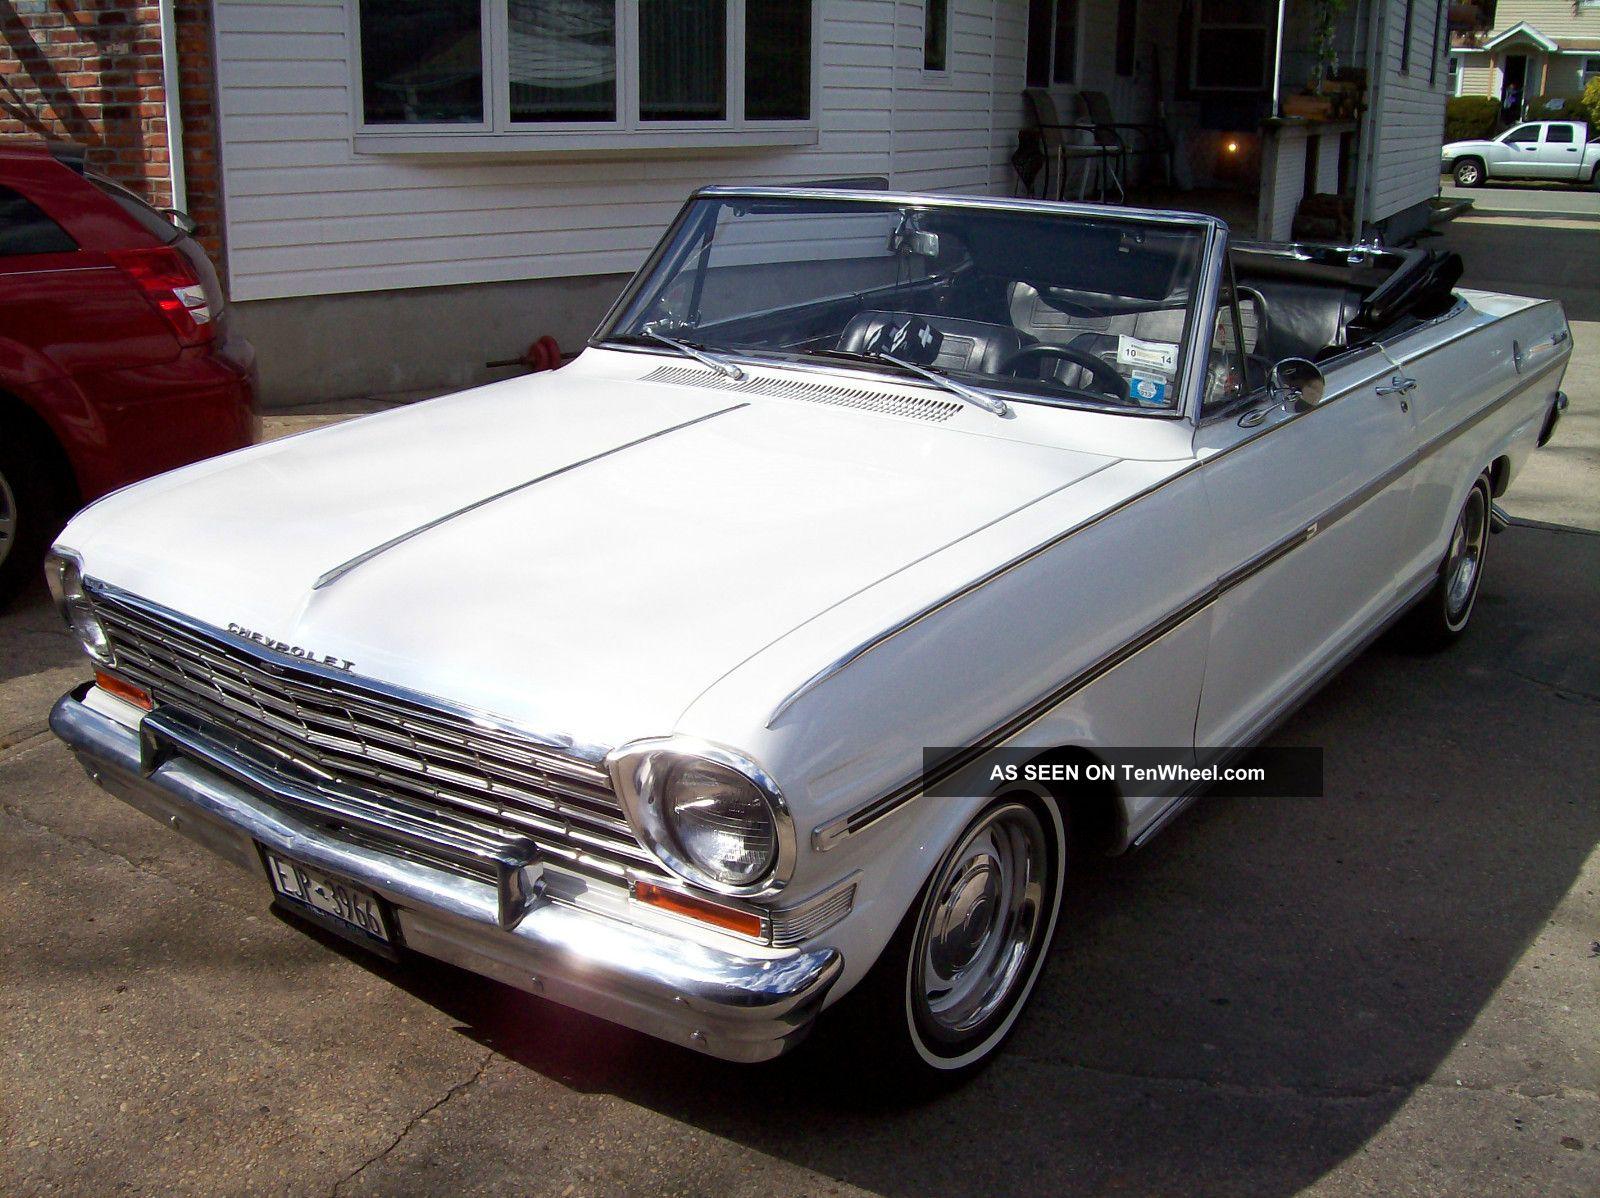 1963 Chevrolet Nova Ss Nova photo